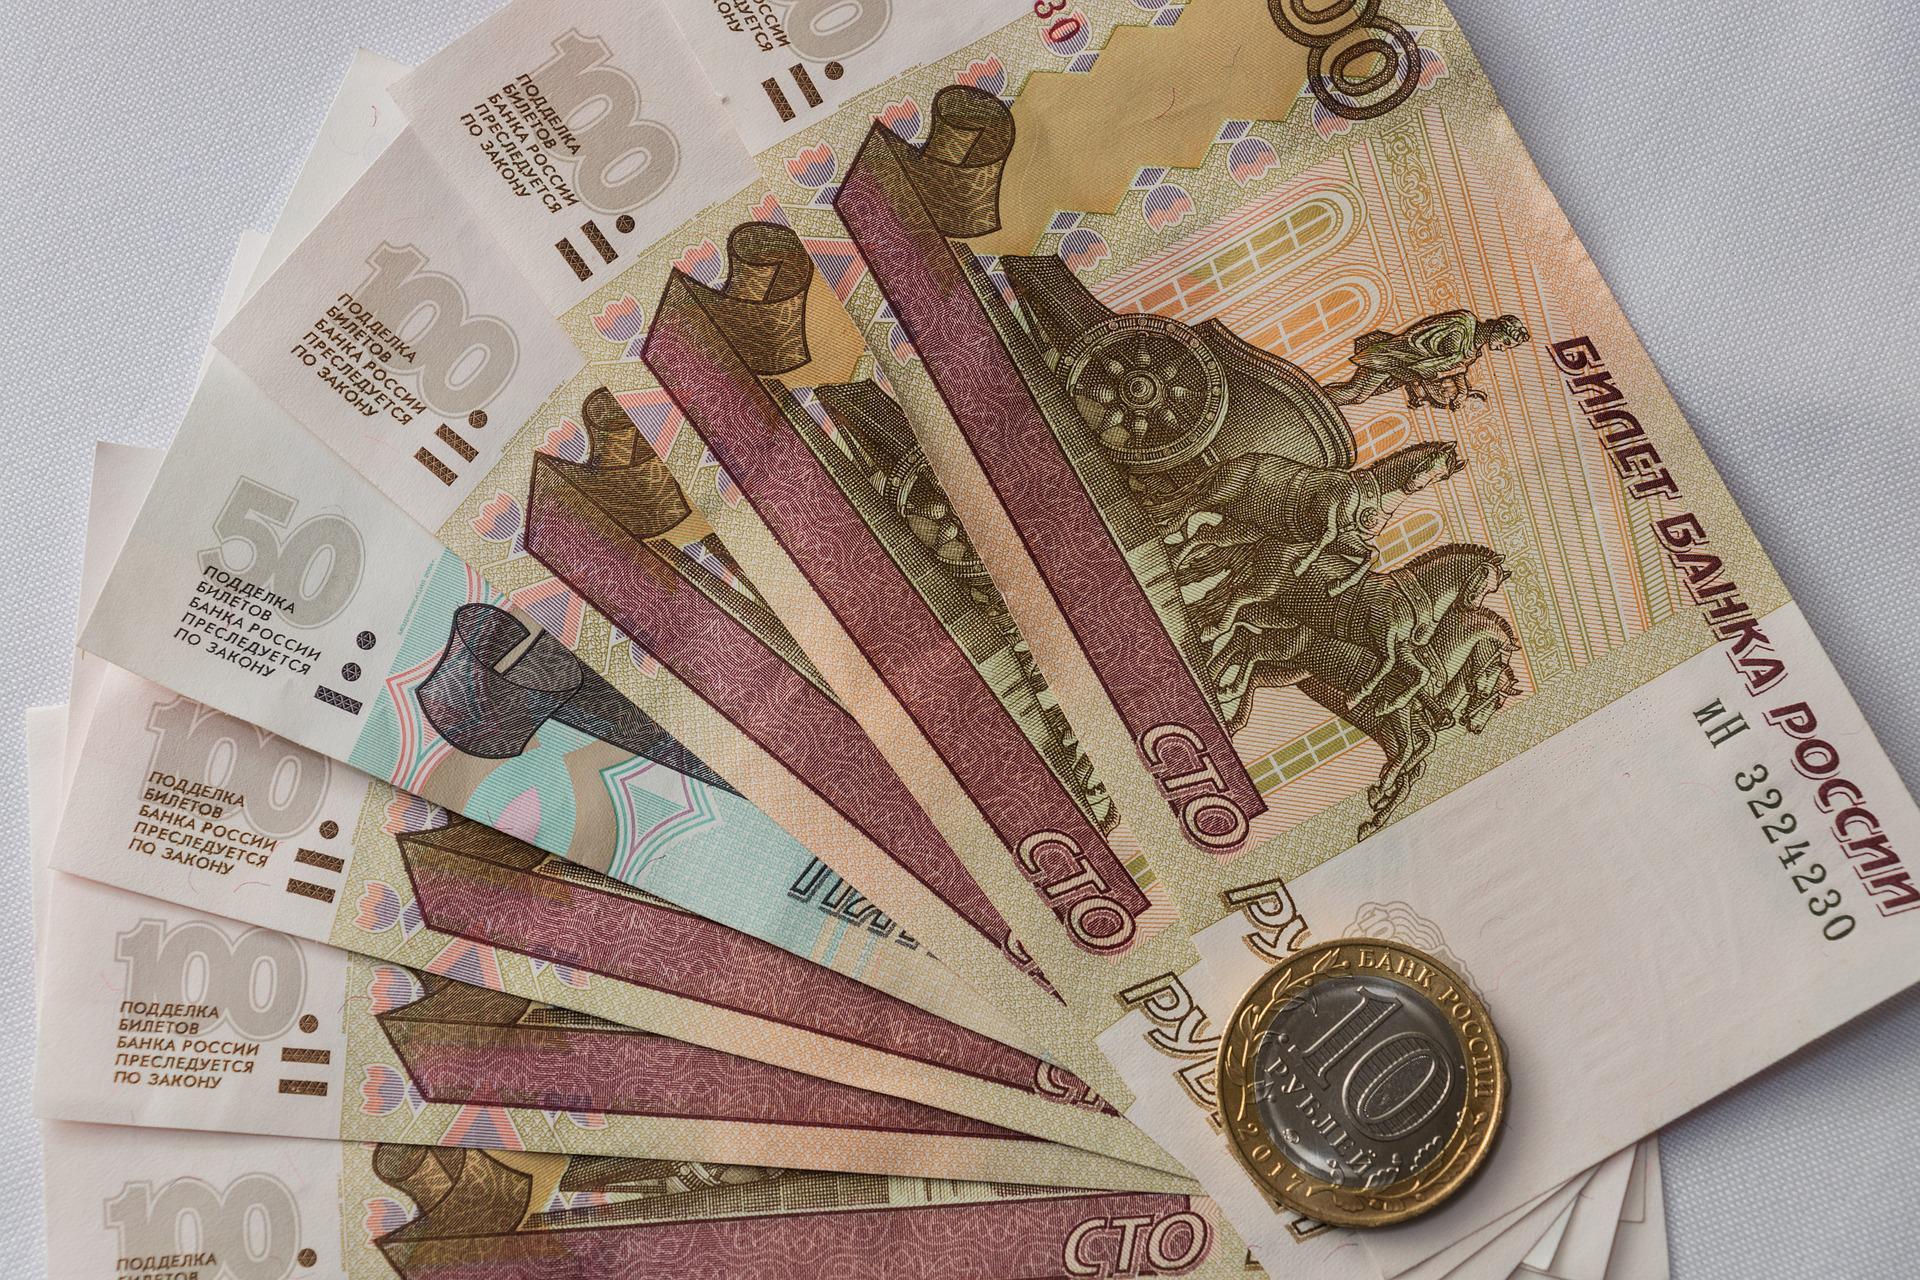 Законопроект об ограничении наличных расчетов «остановился» на полпути